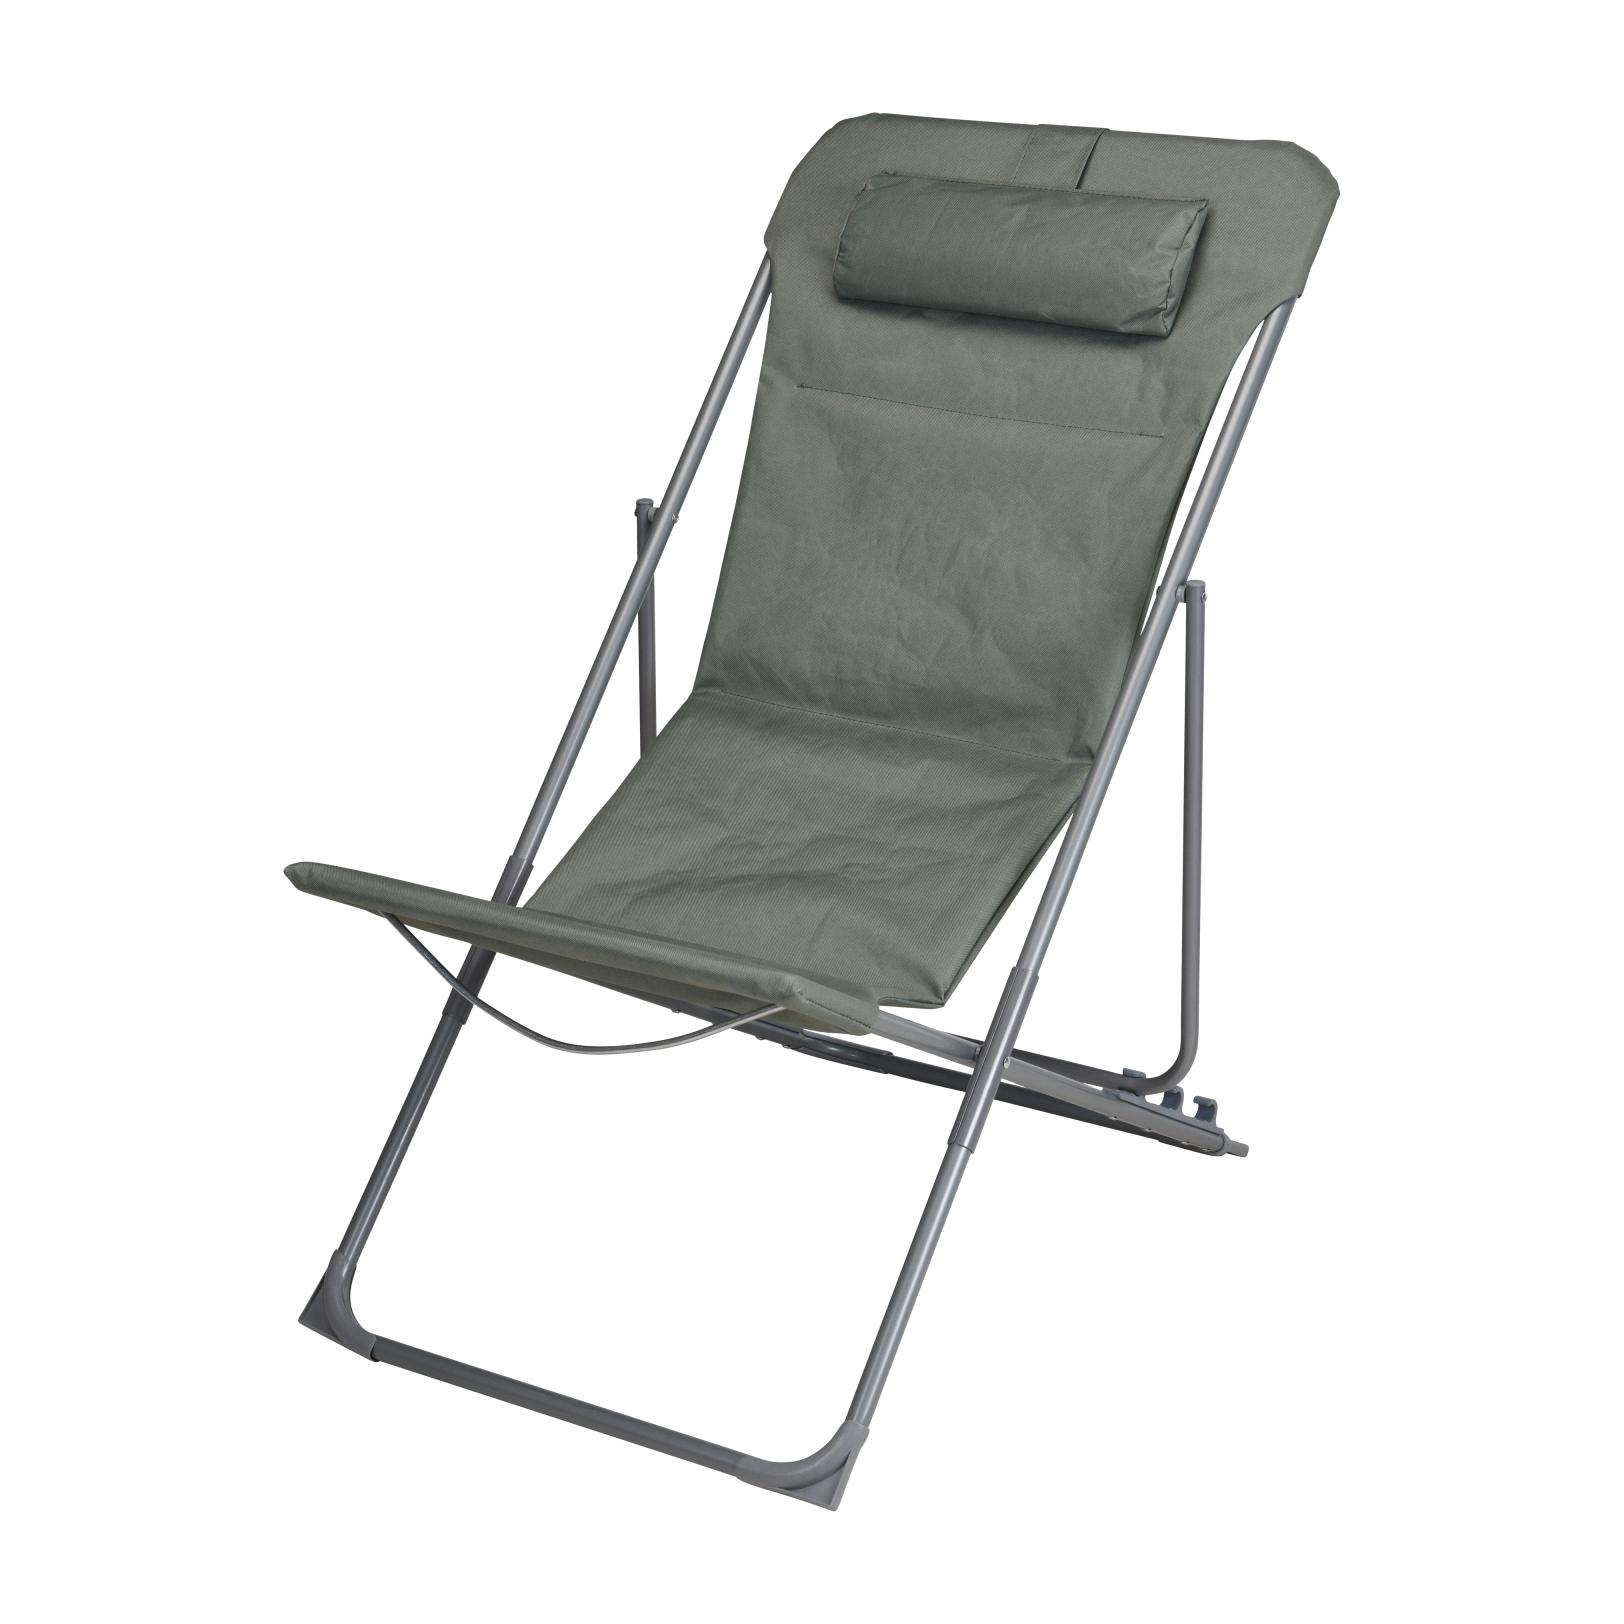 Складное кресло Koopman camping 83x54x89 см X70000010 кресло greenhouse hfc 058 складное